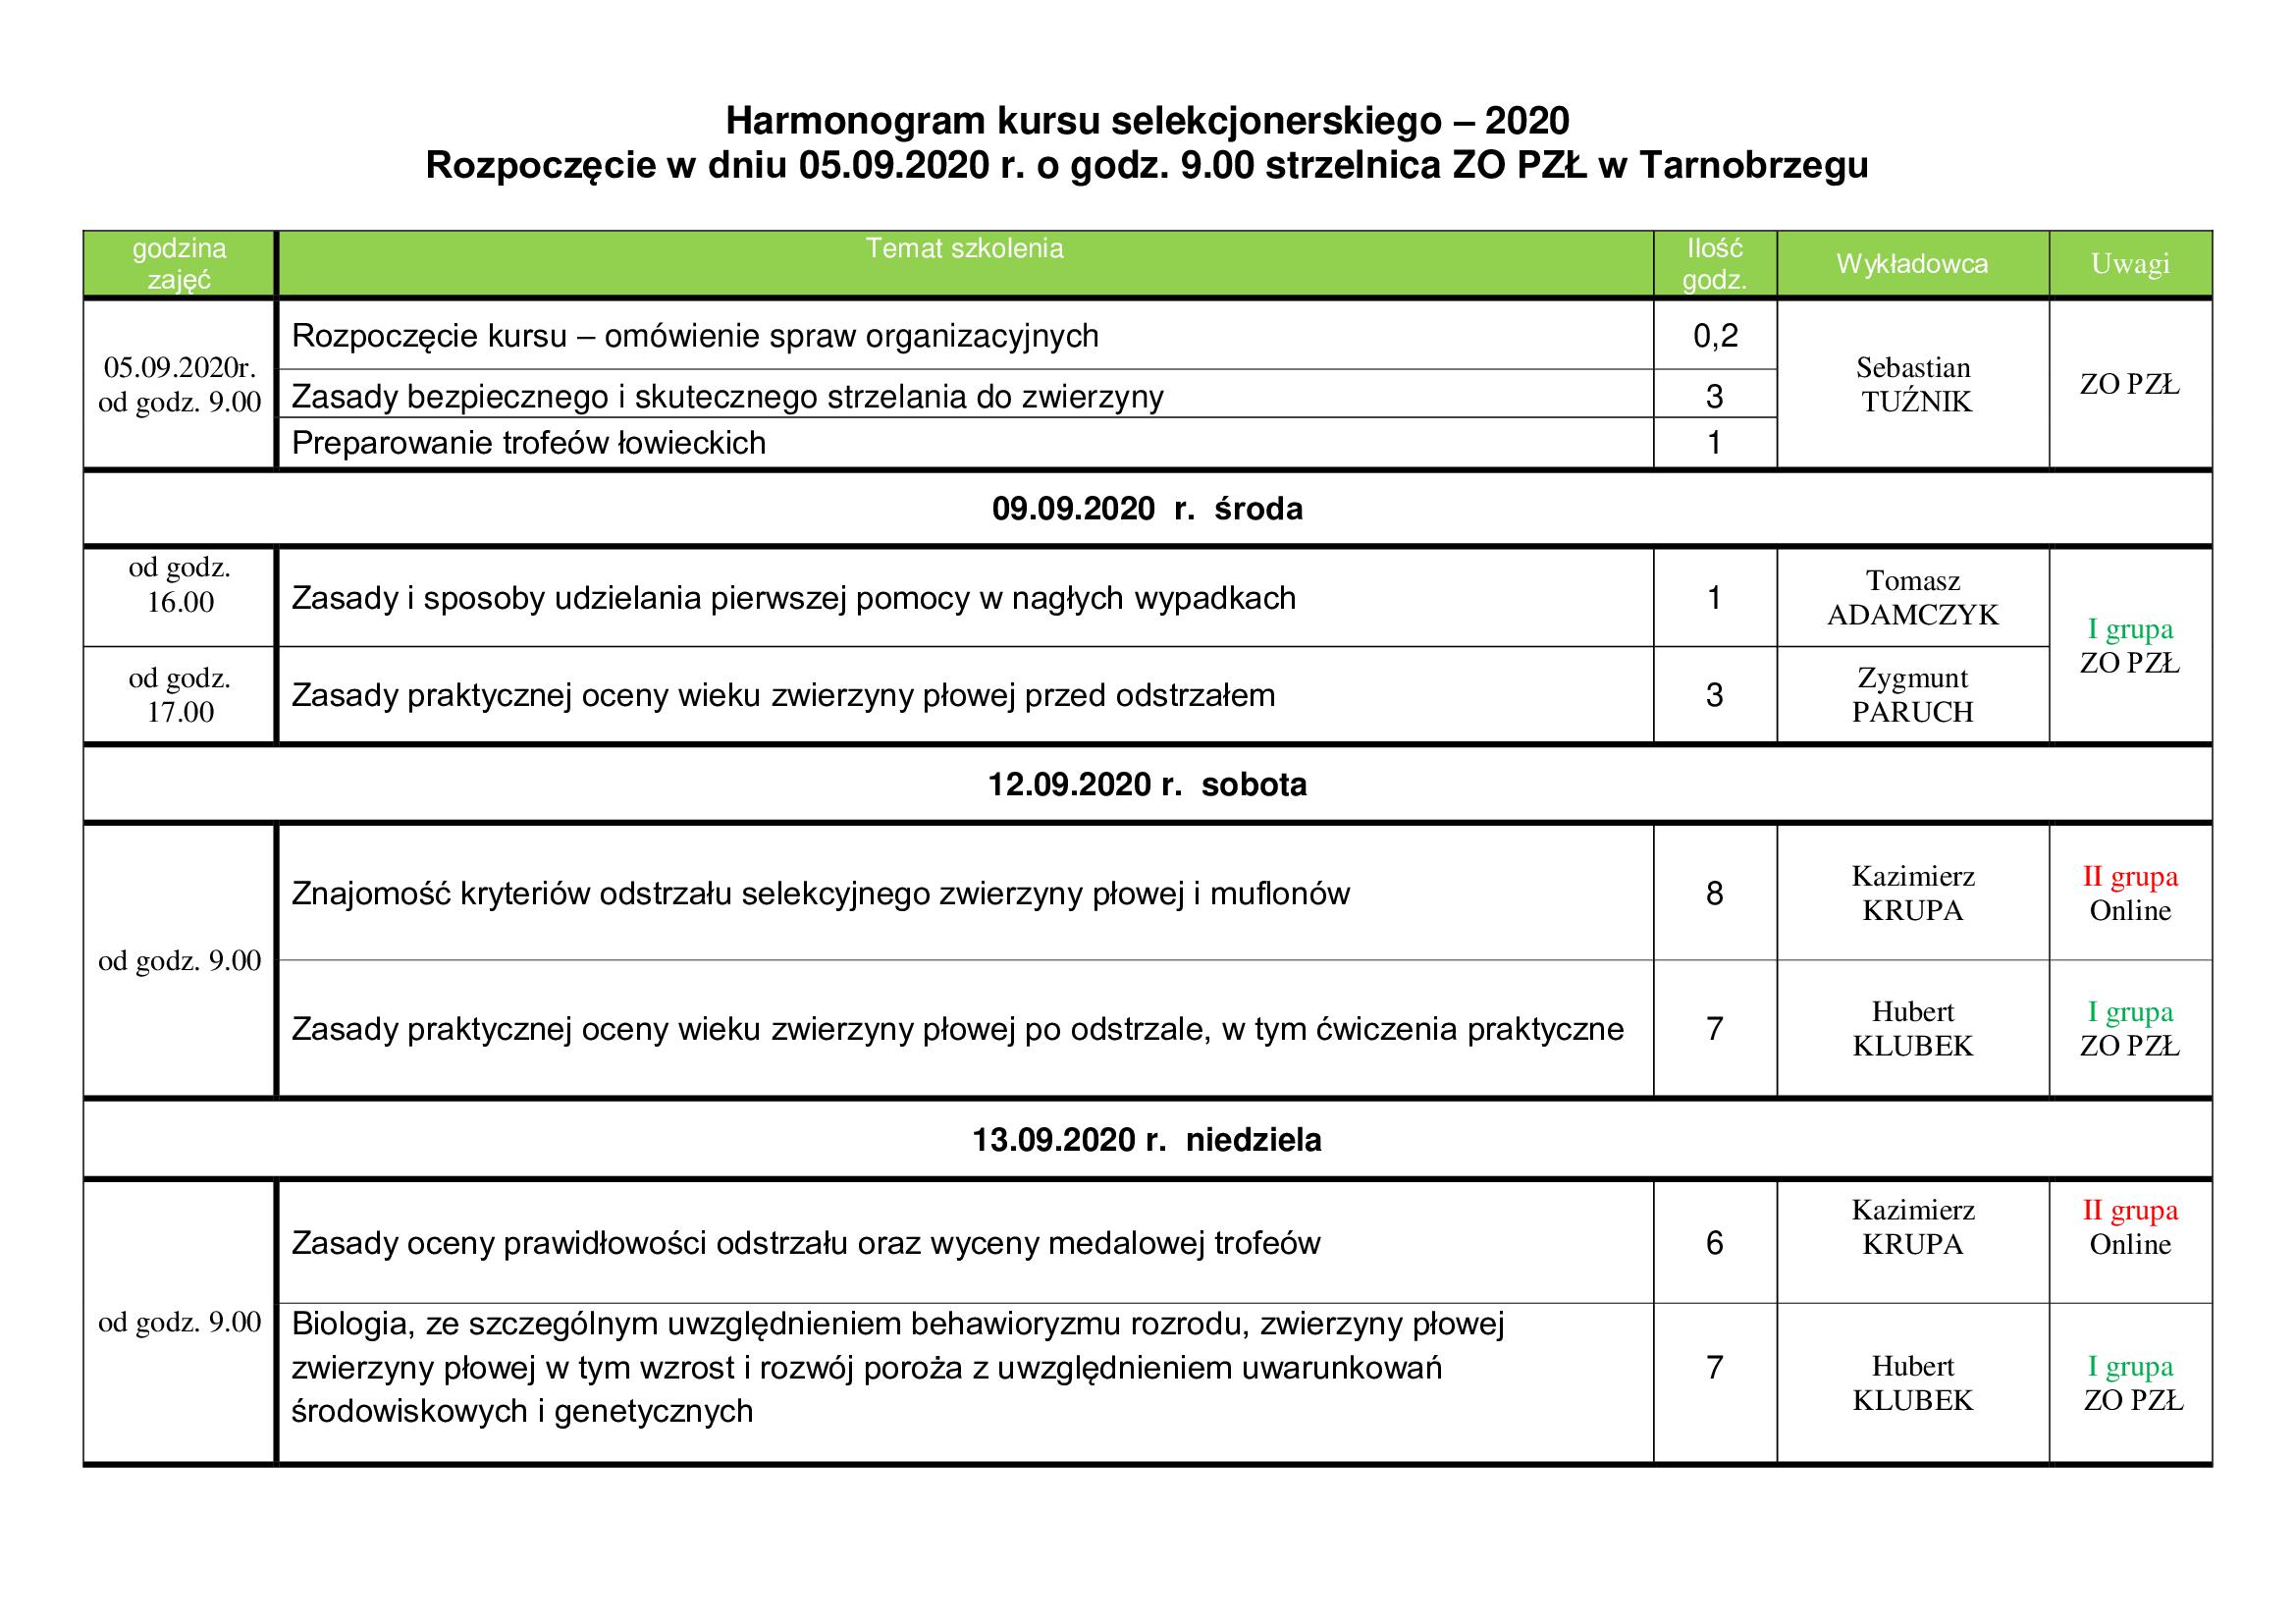 Harmonogram kursu selekcjonerskiego – 2020 Rozpoczęcie w dniu 05.09.2020 r. o godz. 9.00 strzelnica ZO PZŁ w Tarnobrzegu.